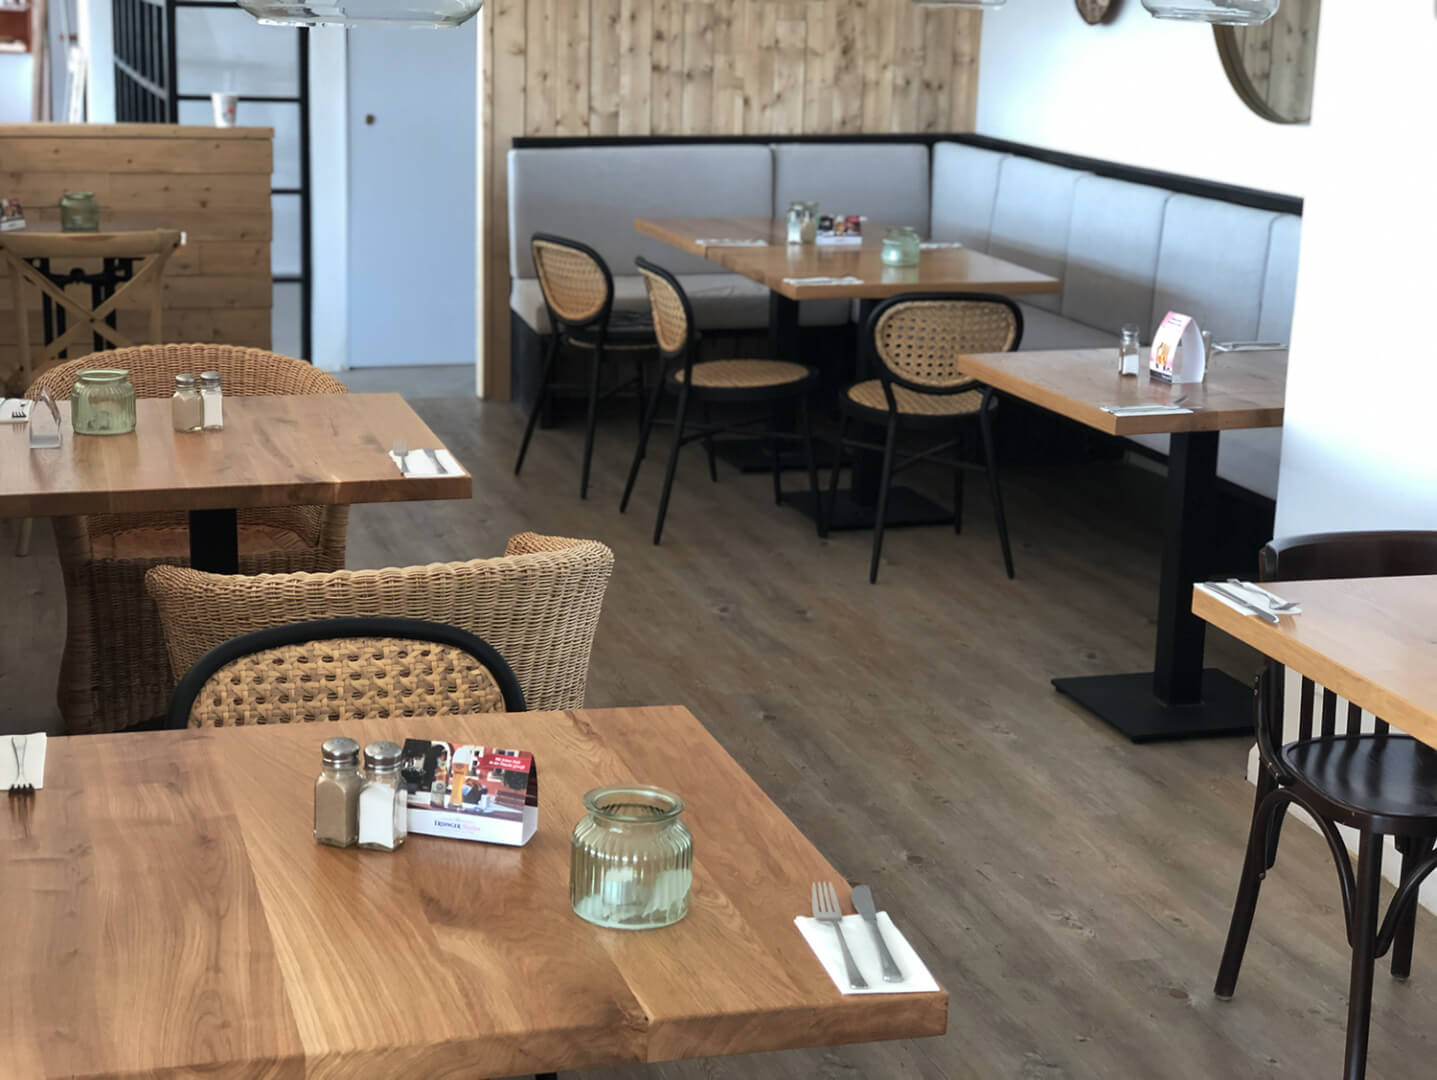 Gastronomie Tische | Inneneinrichtung Gastronomie | individuell